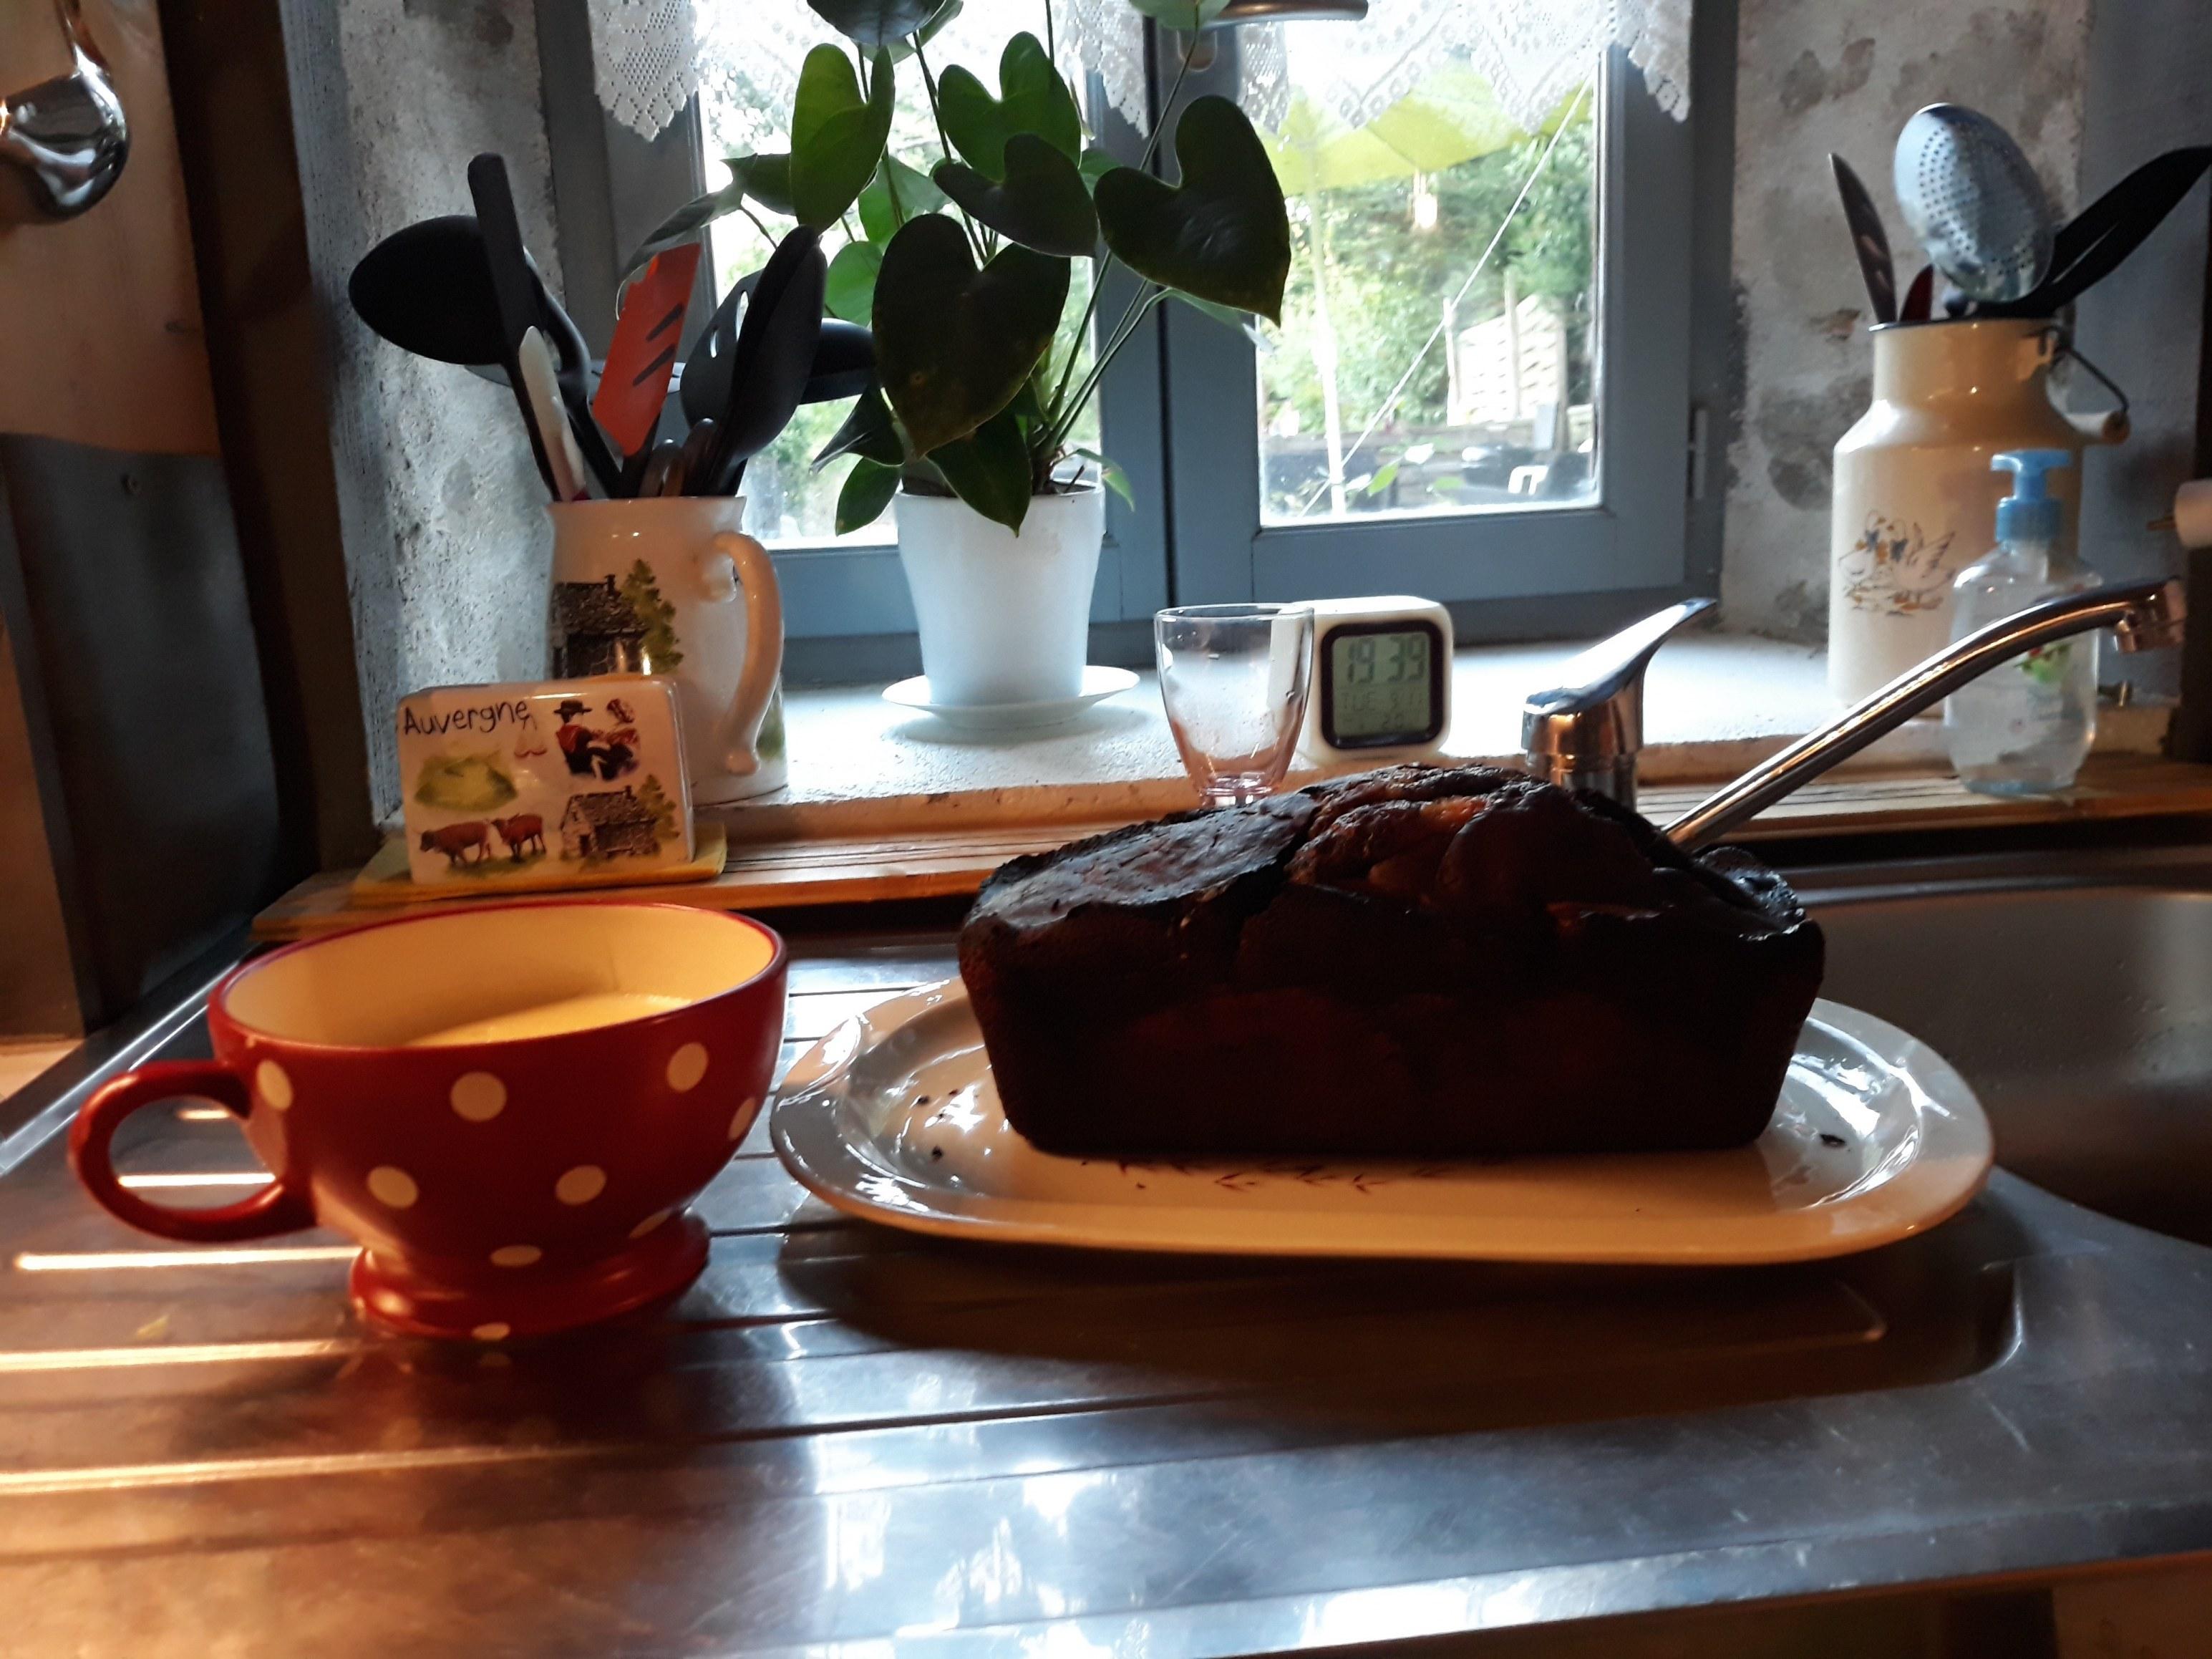 chambre-hotes-auvergne-table-d-hote-salade-repas-fenetre-plante-bol-lait